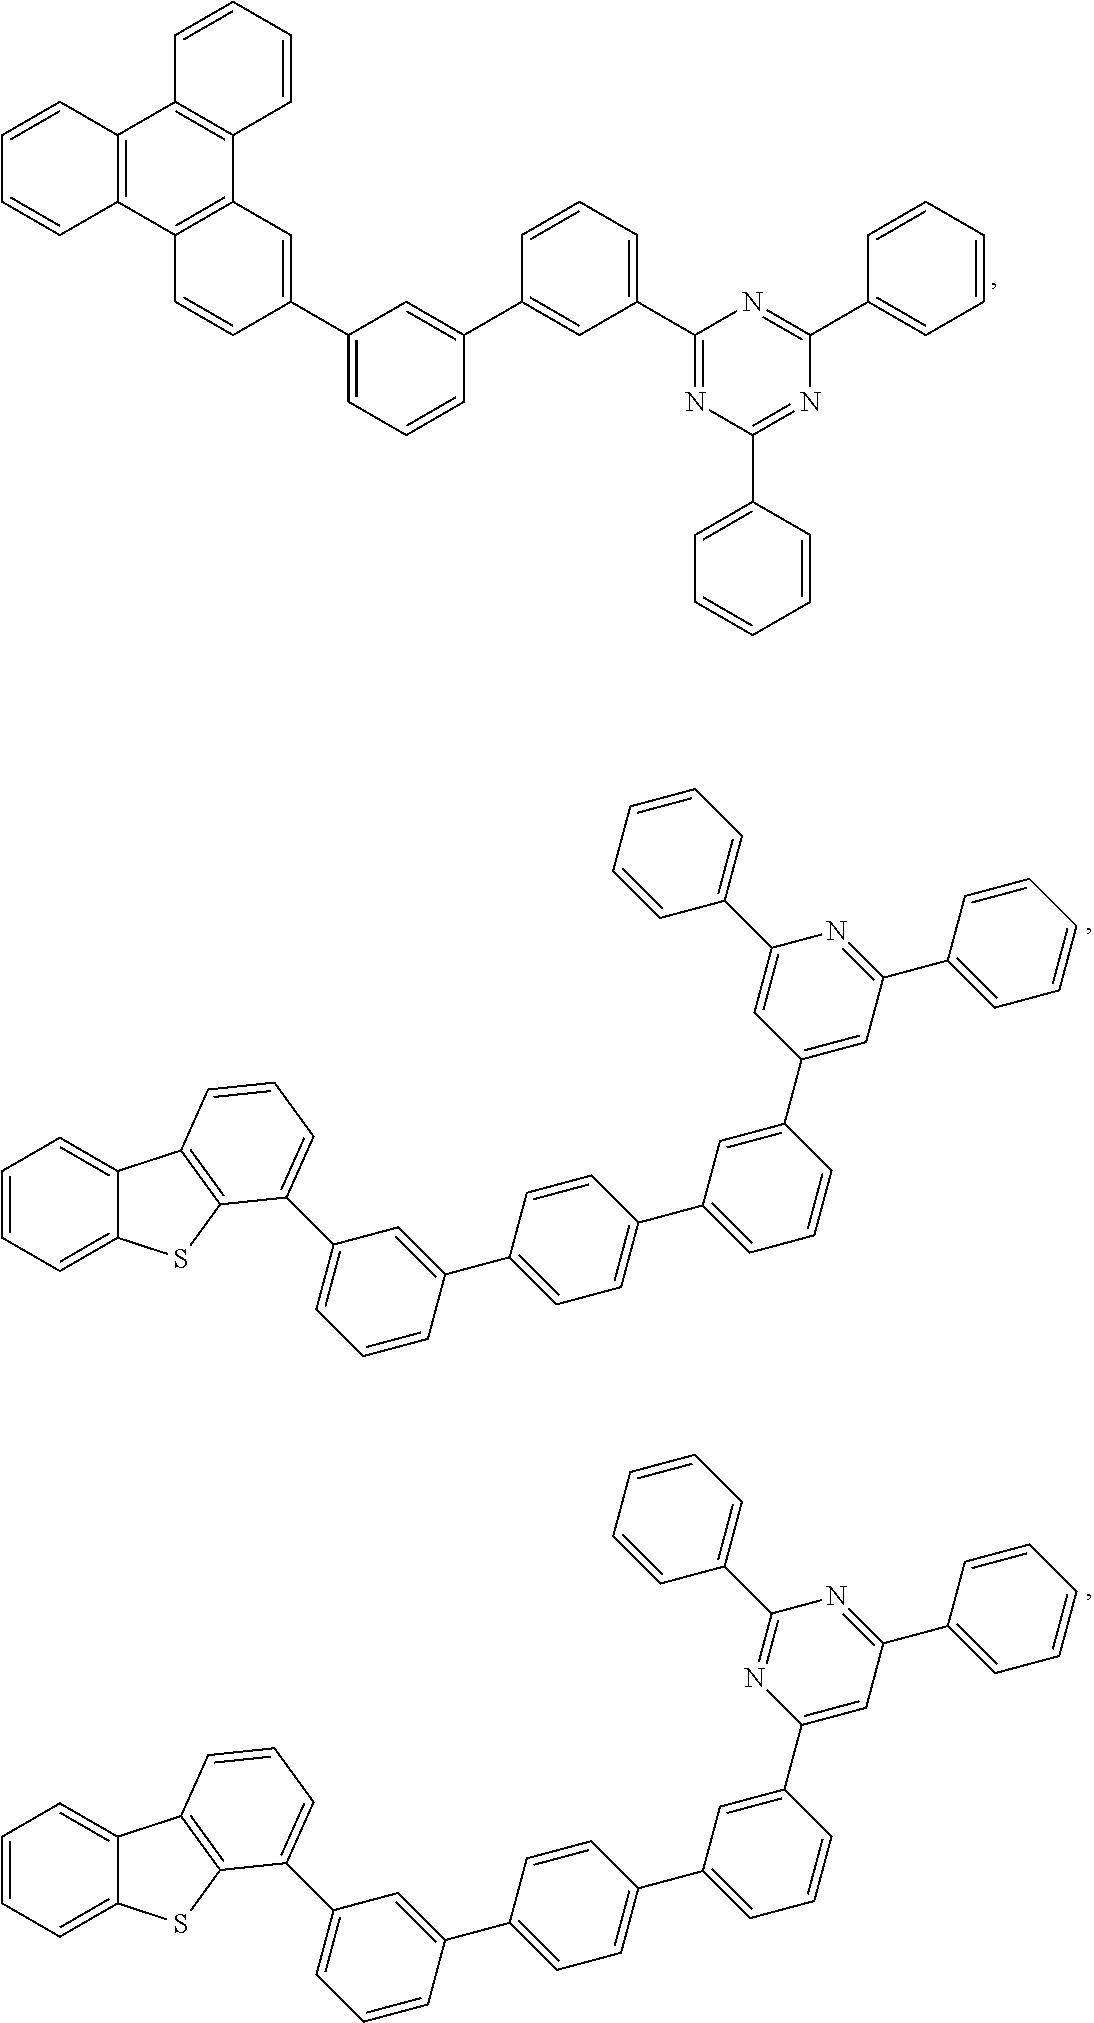 Figure US09859510-20180102-C00066